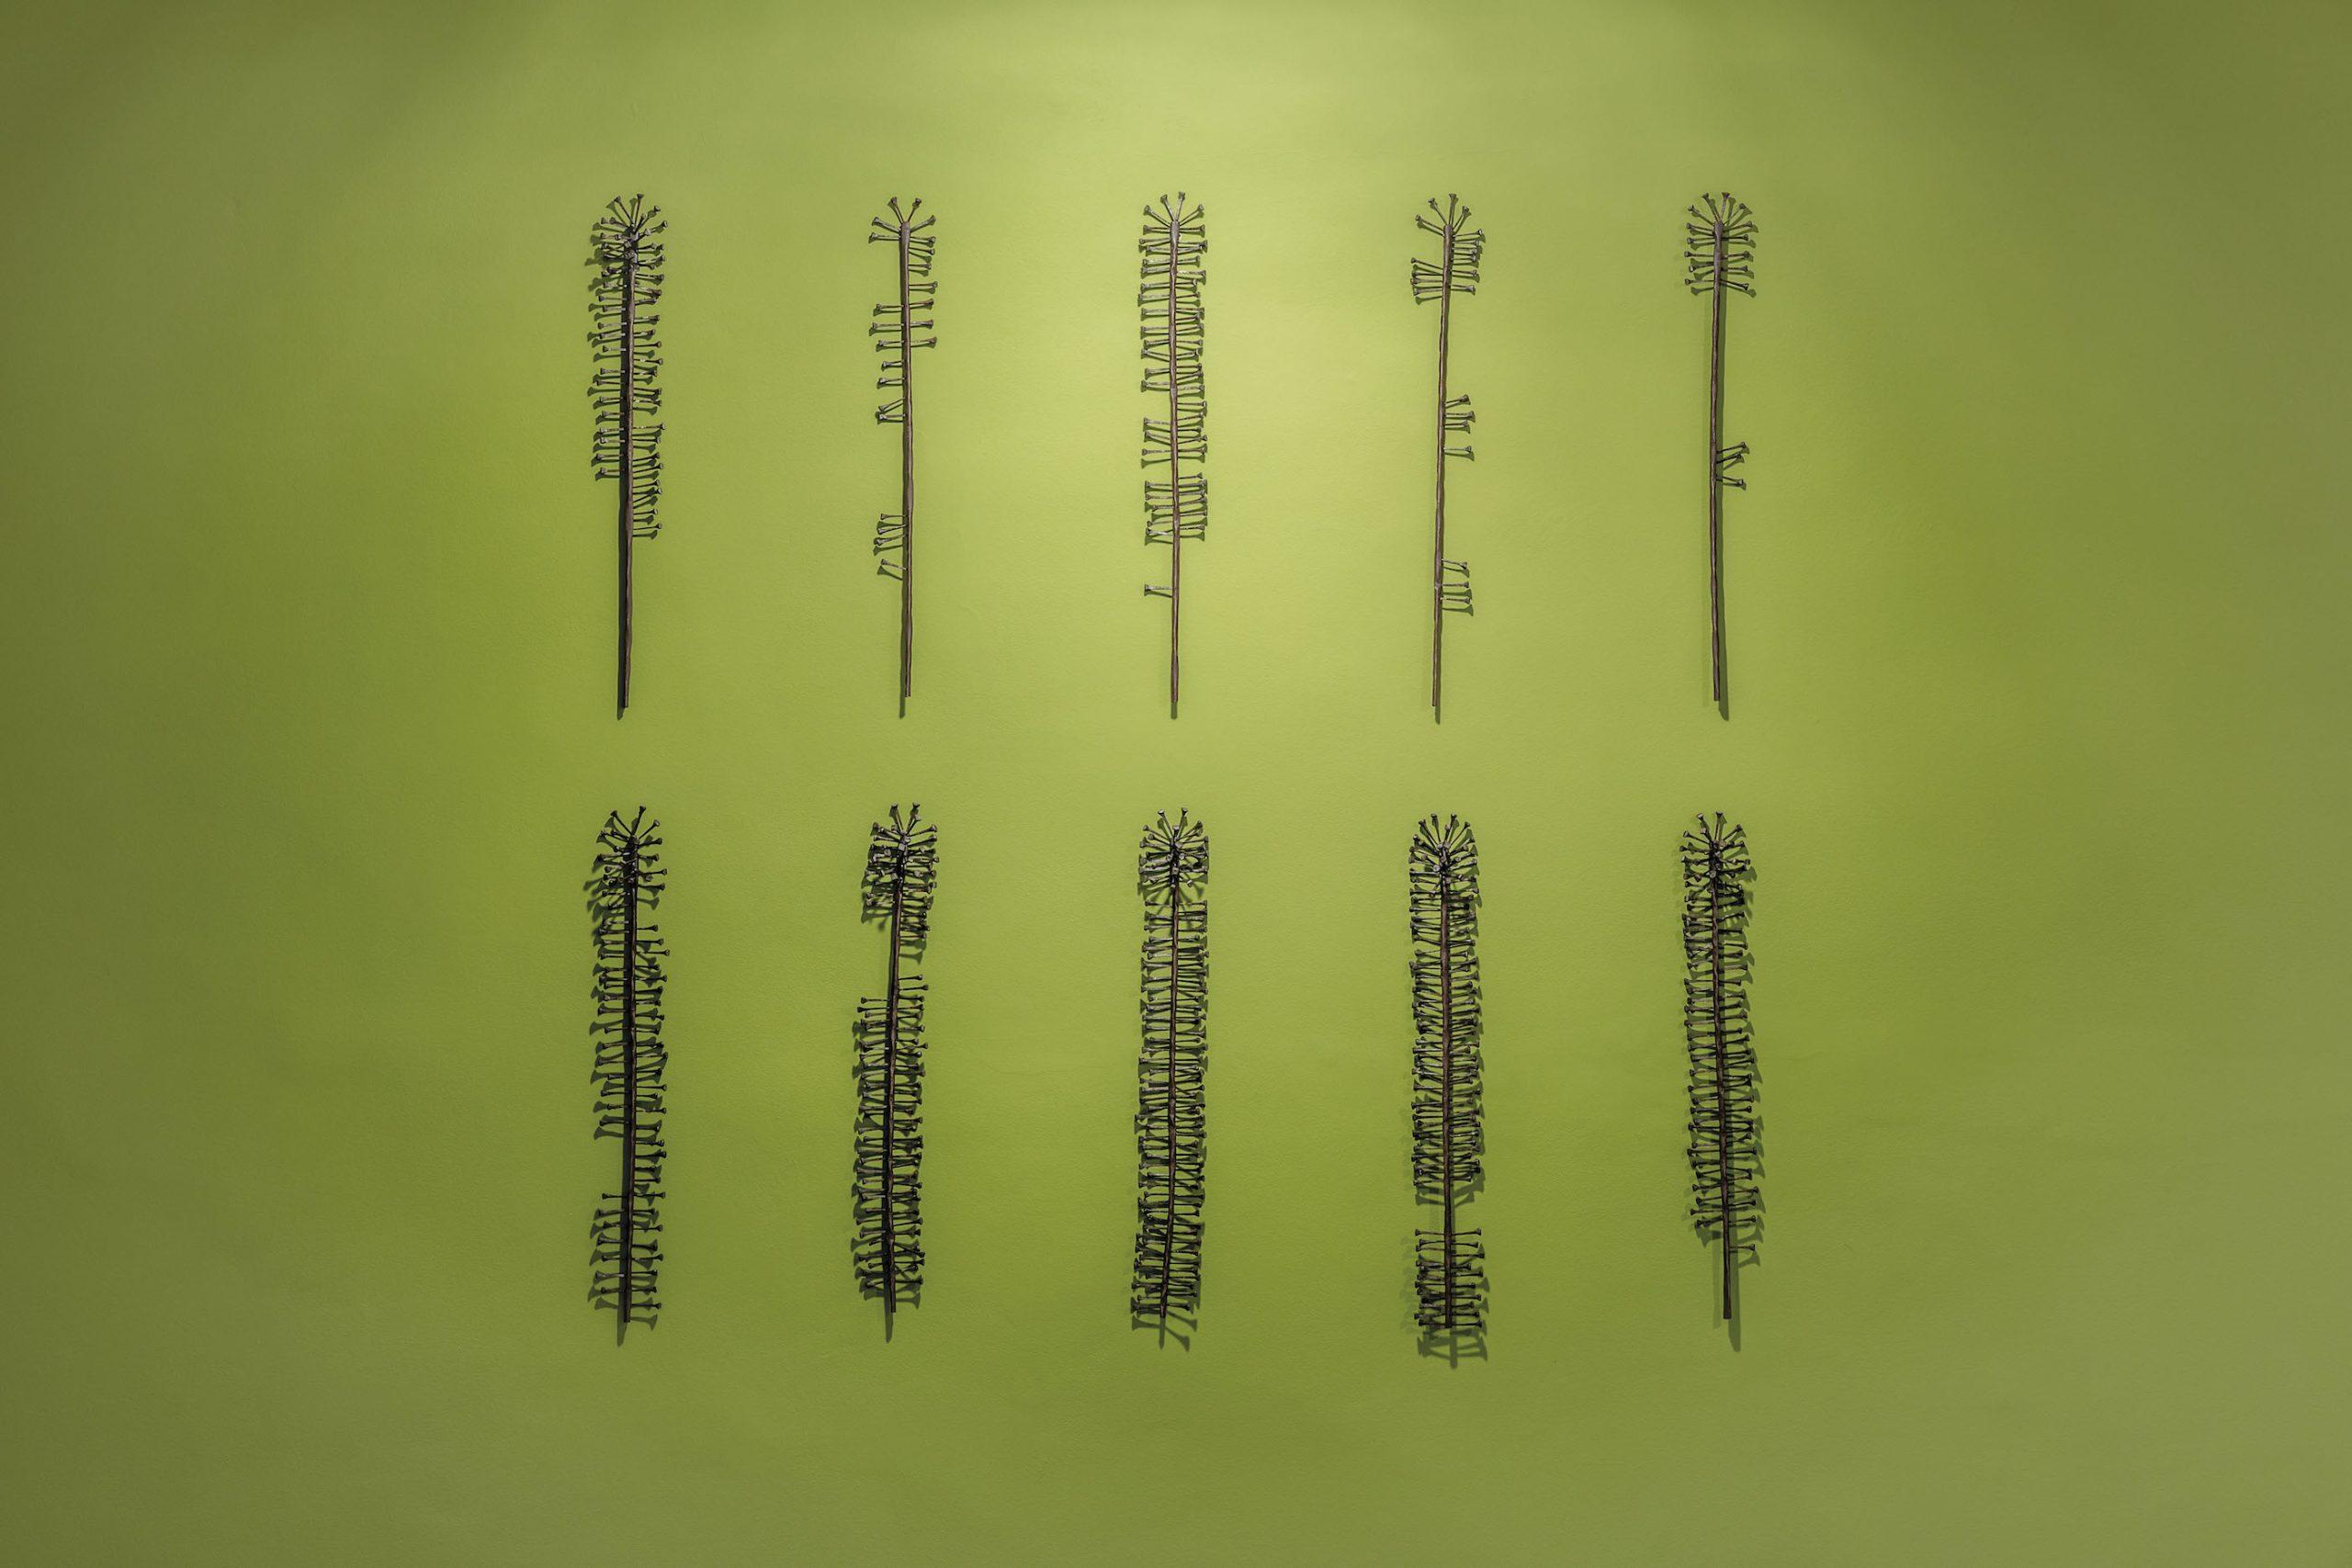 Le jardin des harratine, 2018, Hammered nails and metal, 152 x 152 cm